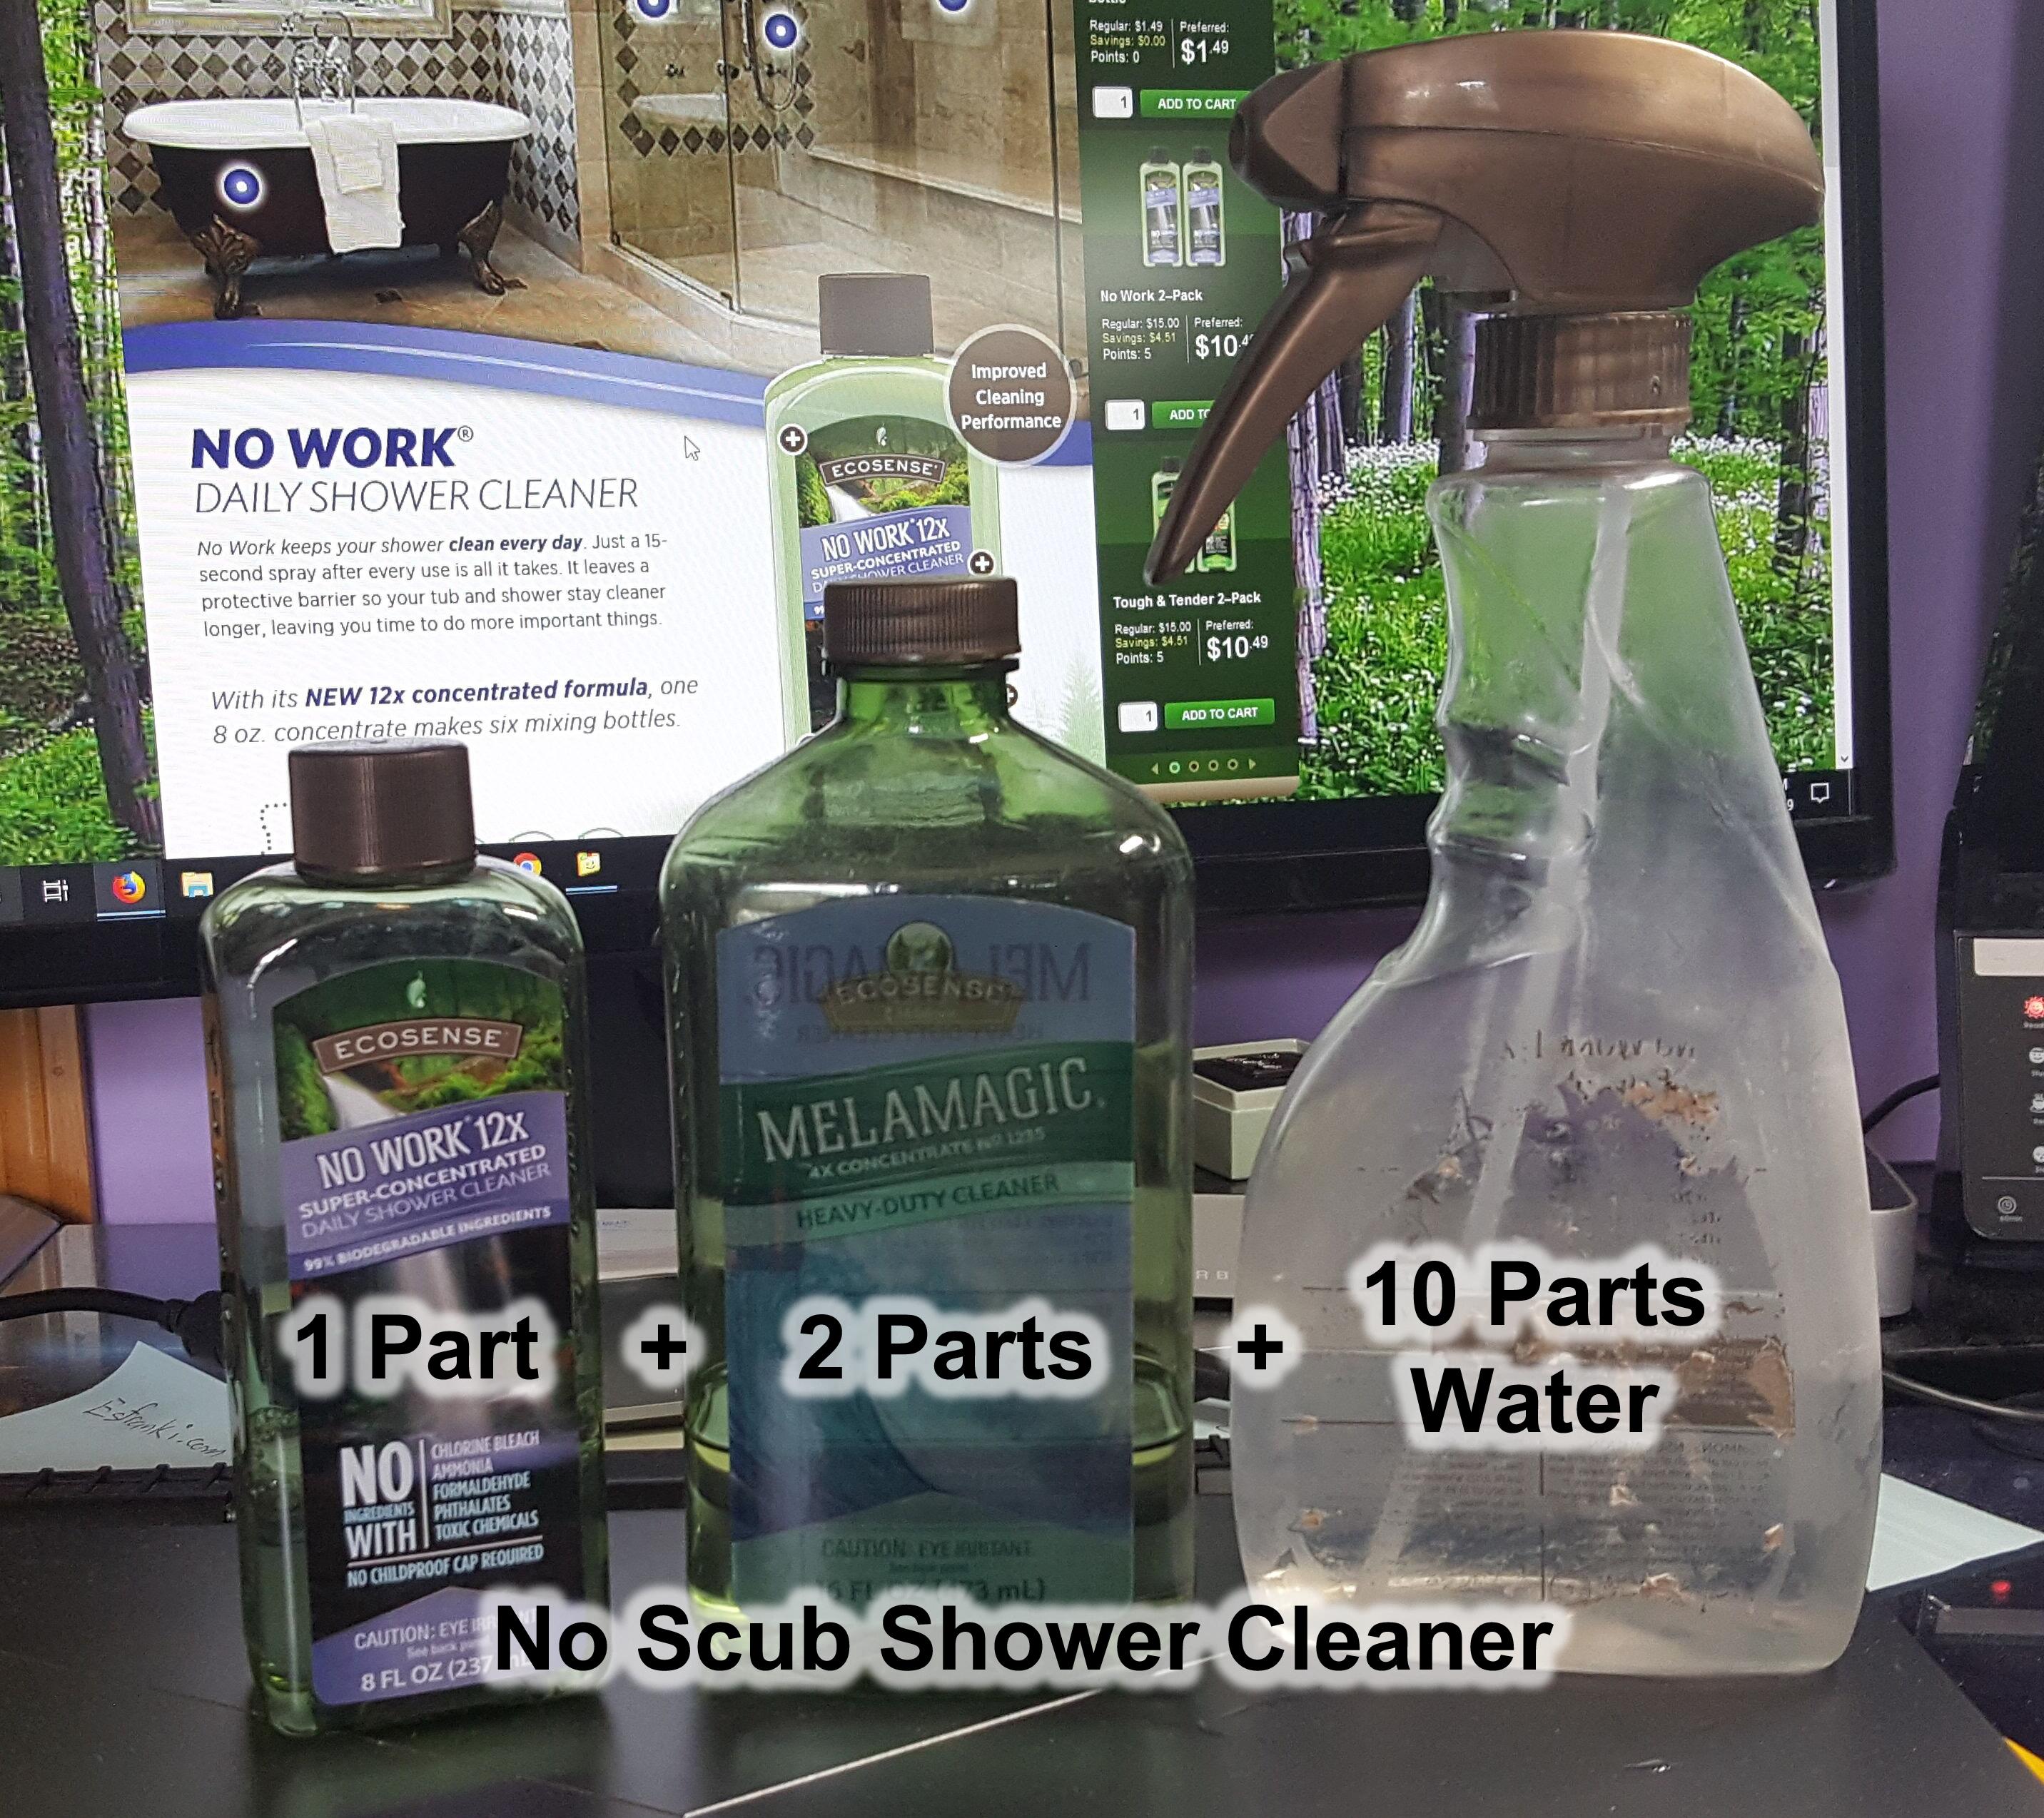 No Scrub Shower Cleaner